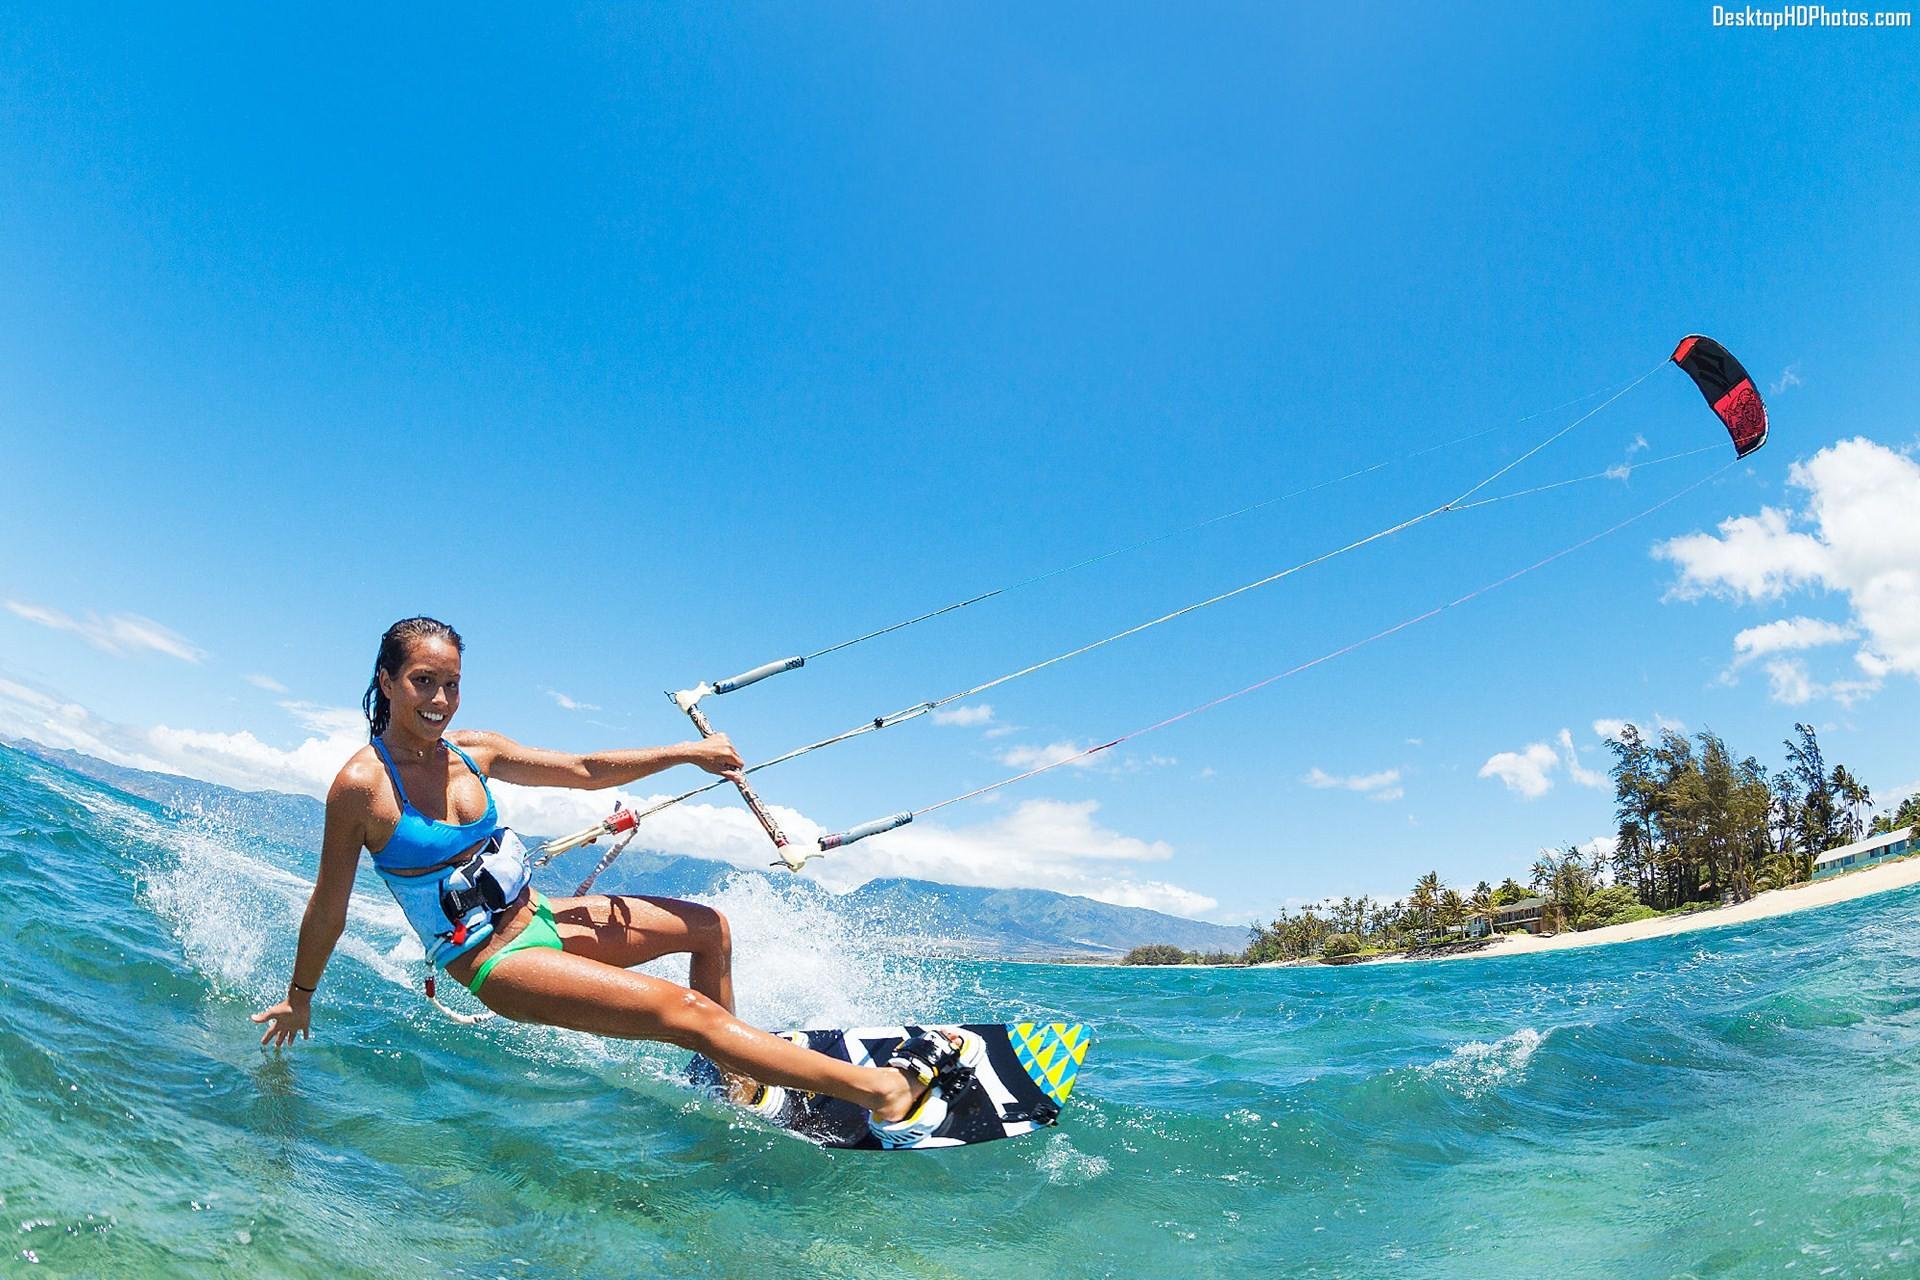 Kite surfing photo